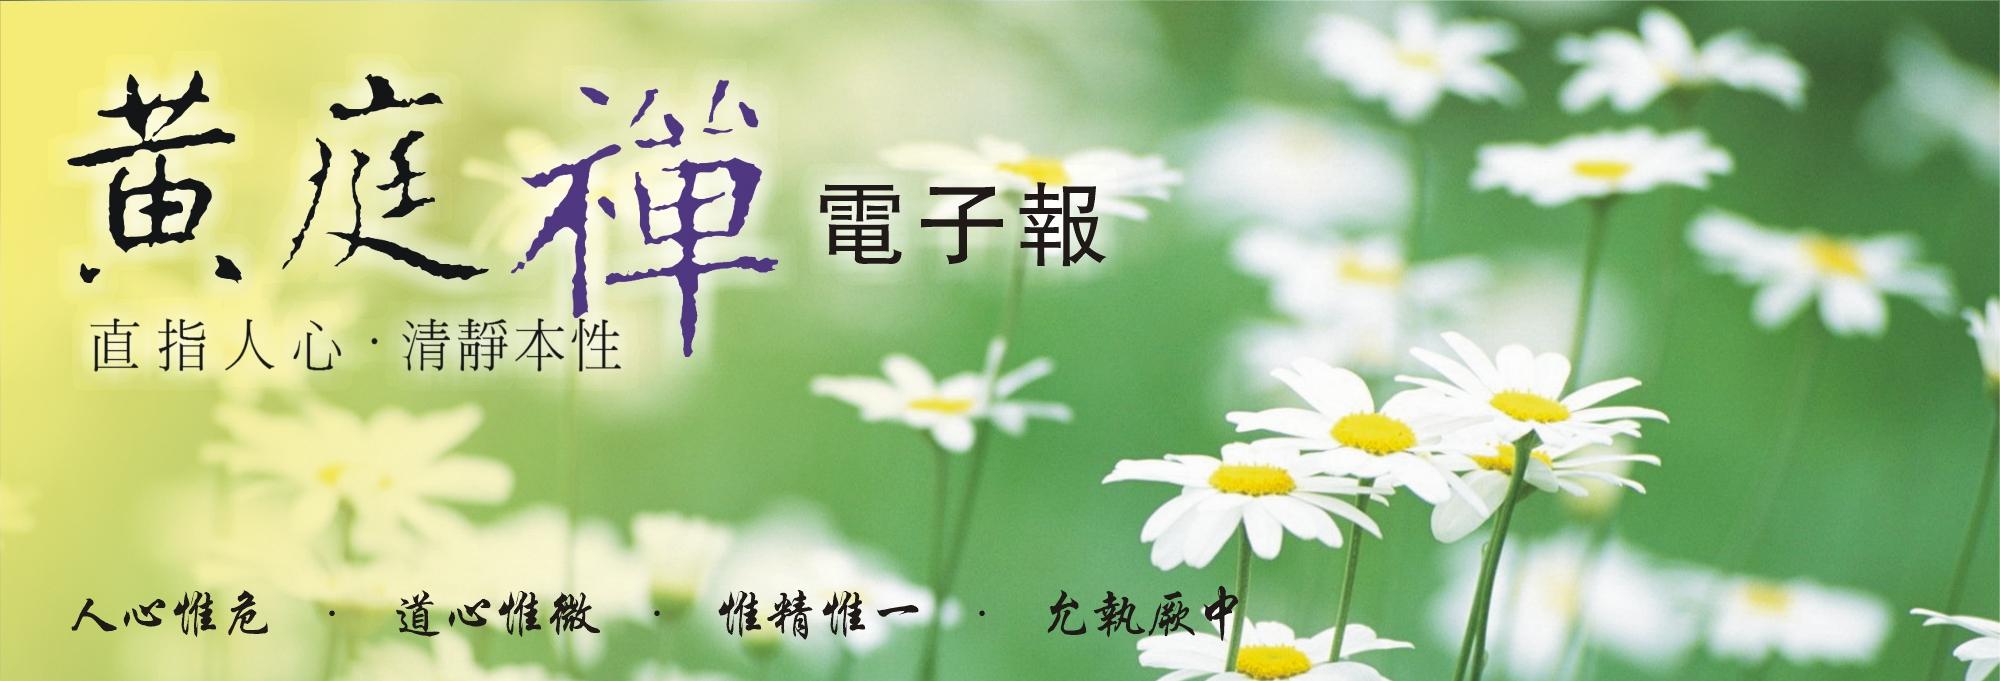 中華黃庭禪學會2014.06.01電子報